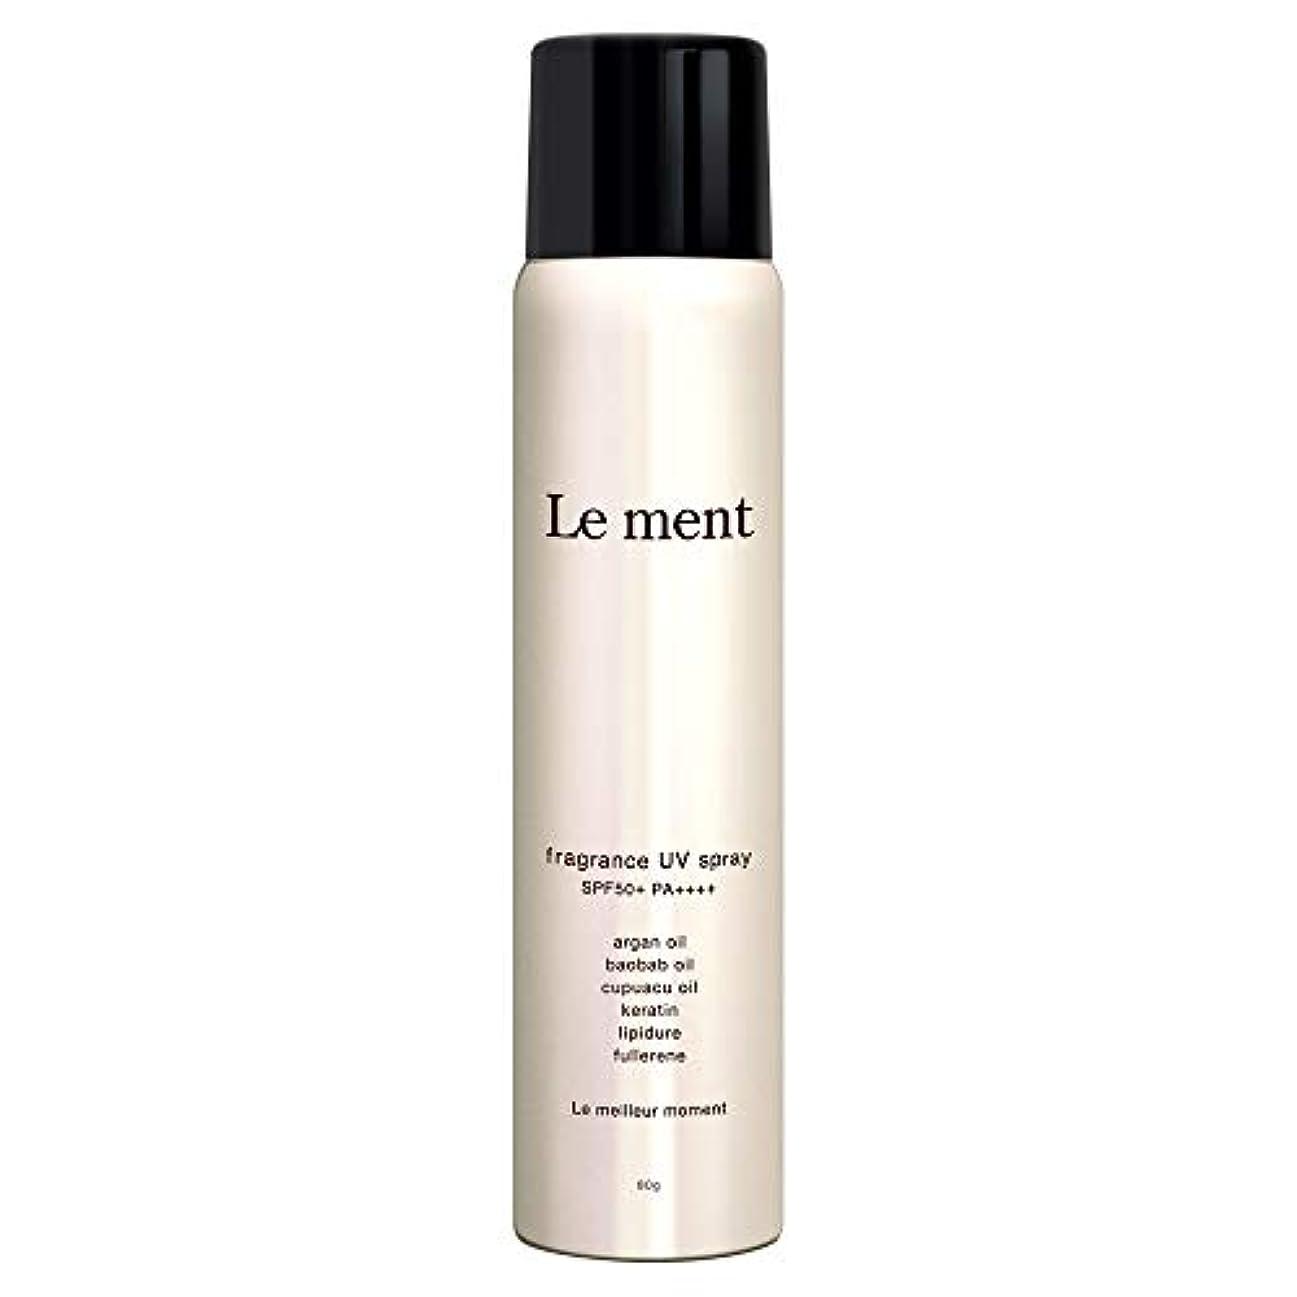 ハミングバード無効にするクマノミLe ment - fragrans UV spray -